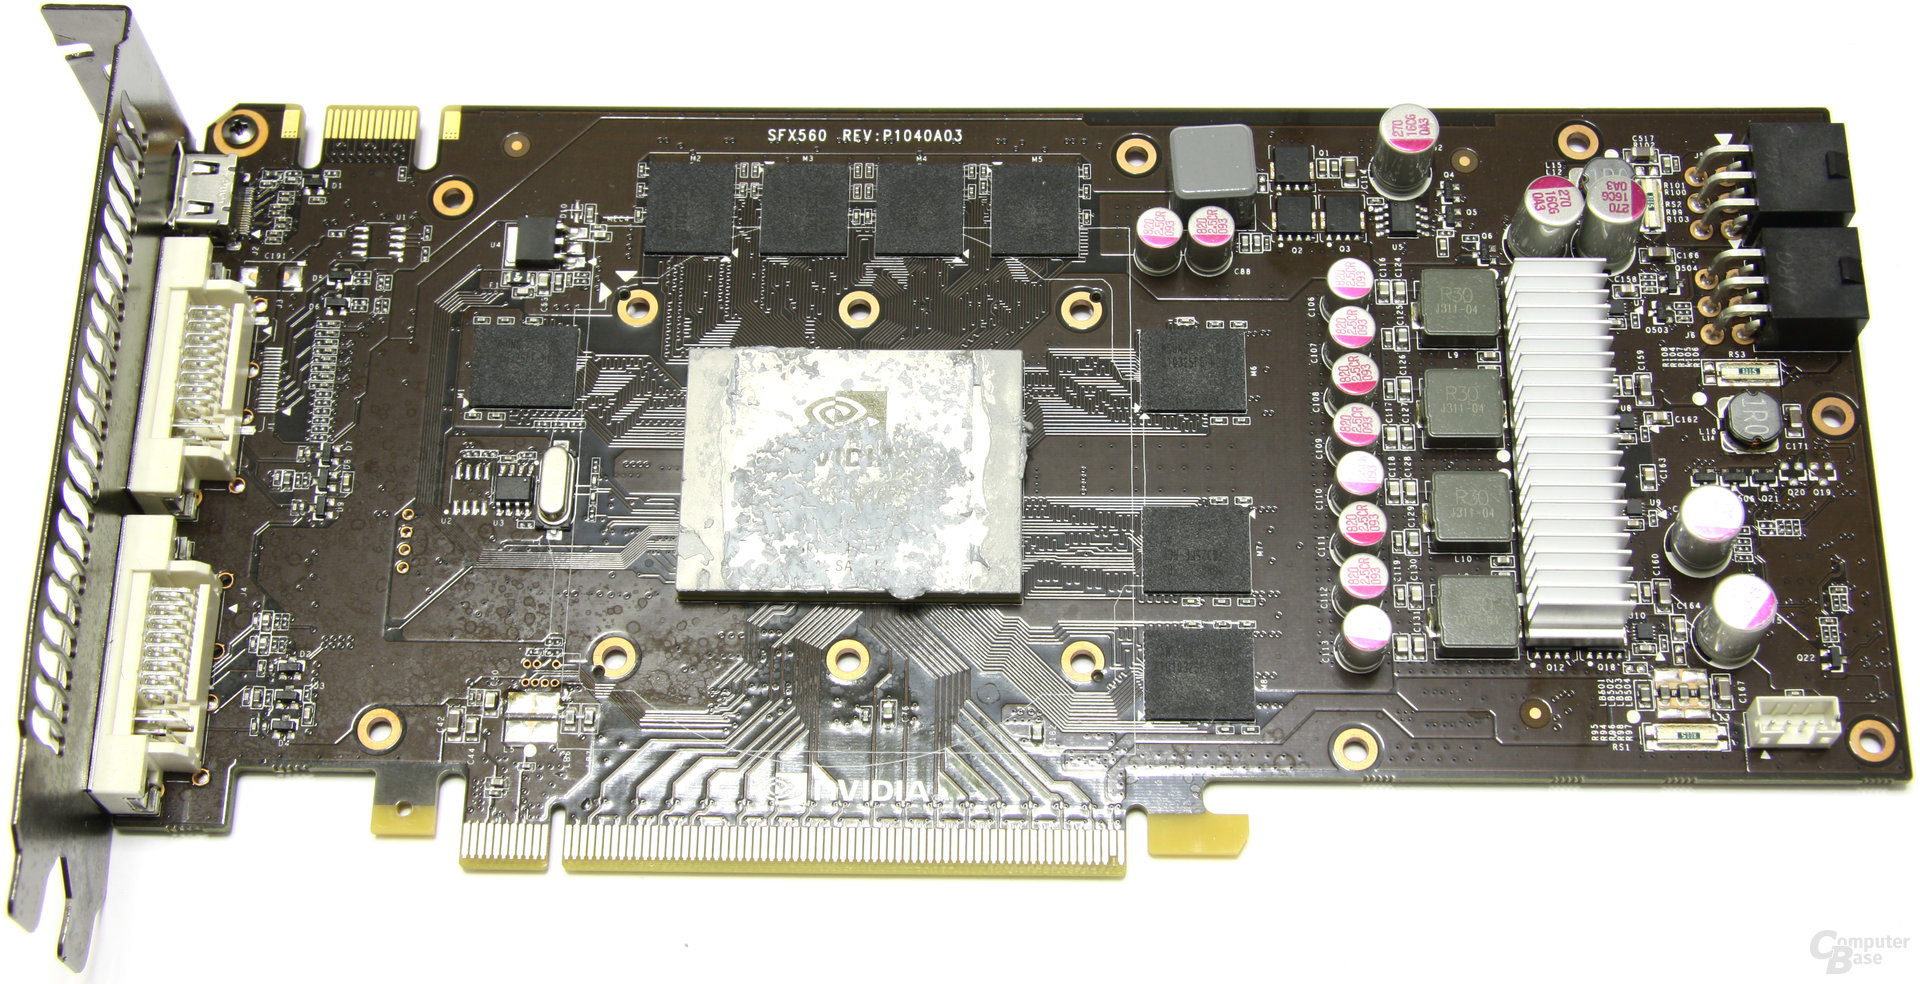 Calibre GTX 560 Super OC ohne Kühler